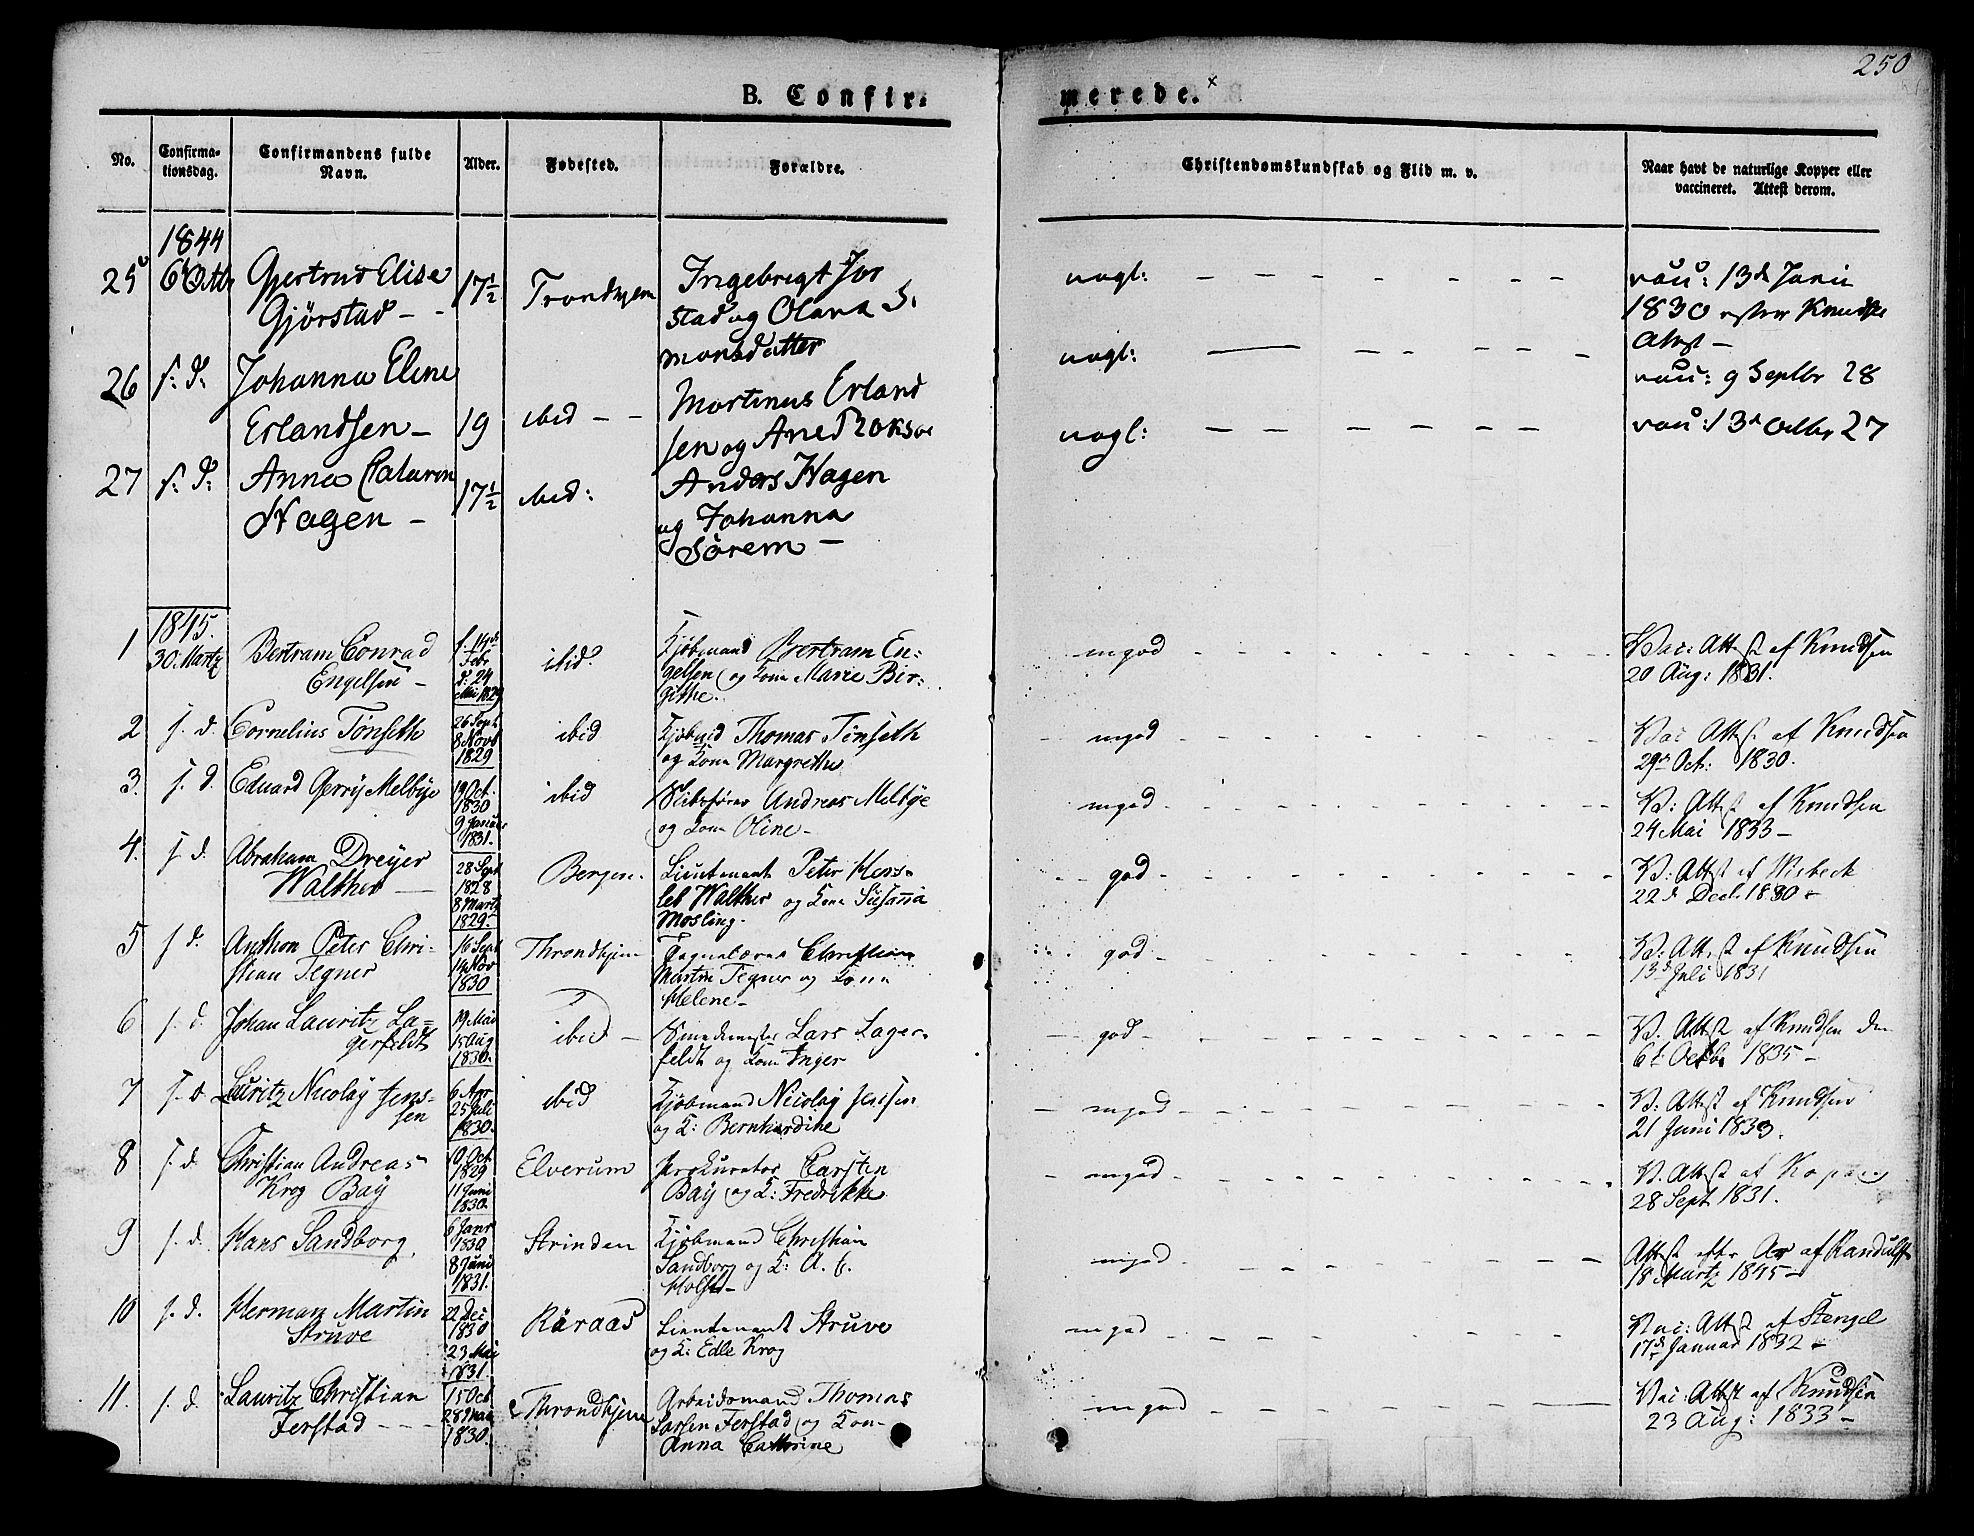 SAT, Ministerialprotokoller, klokkerbøker og fødselsregistre - Sør-Trøndelag, 601/L0048: Ministerialbok nr. 601A16, 1840-1847, s. 250